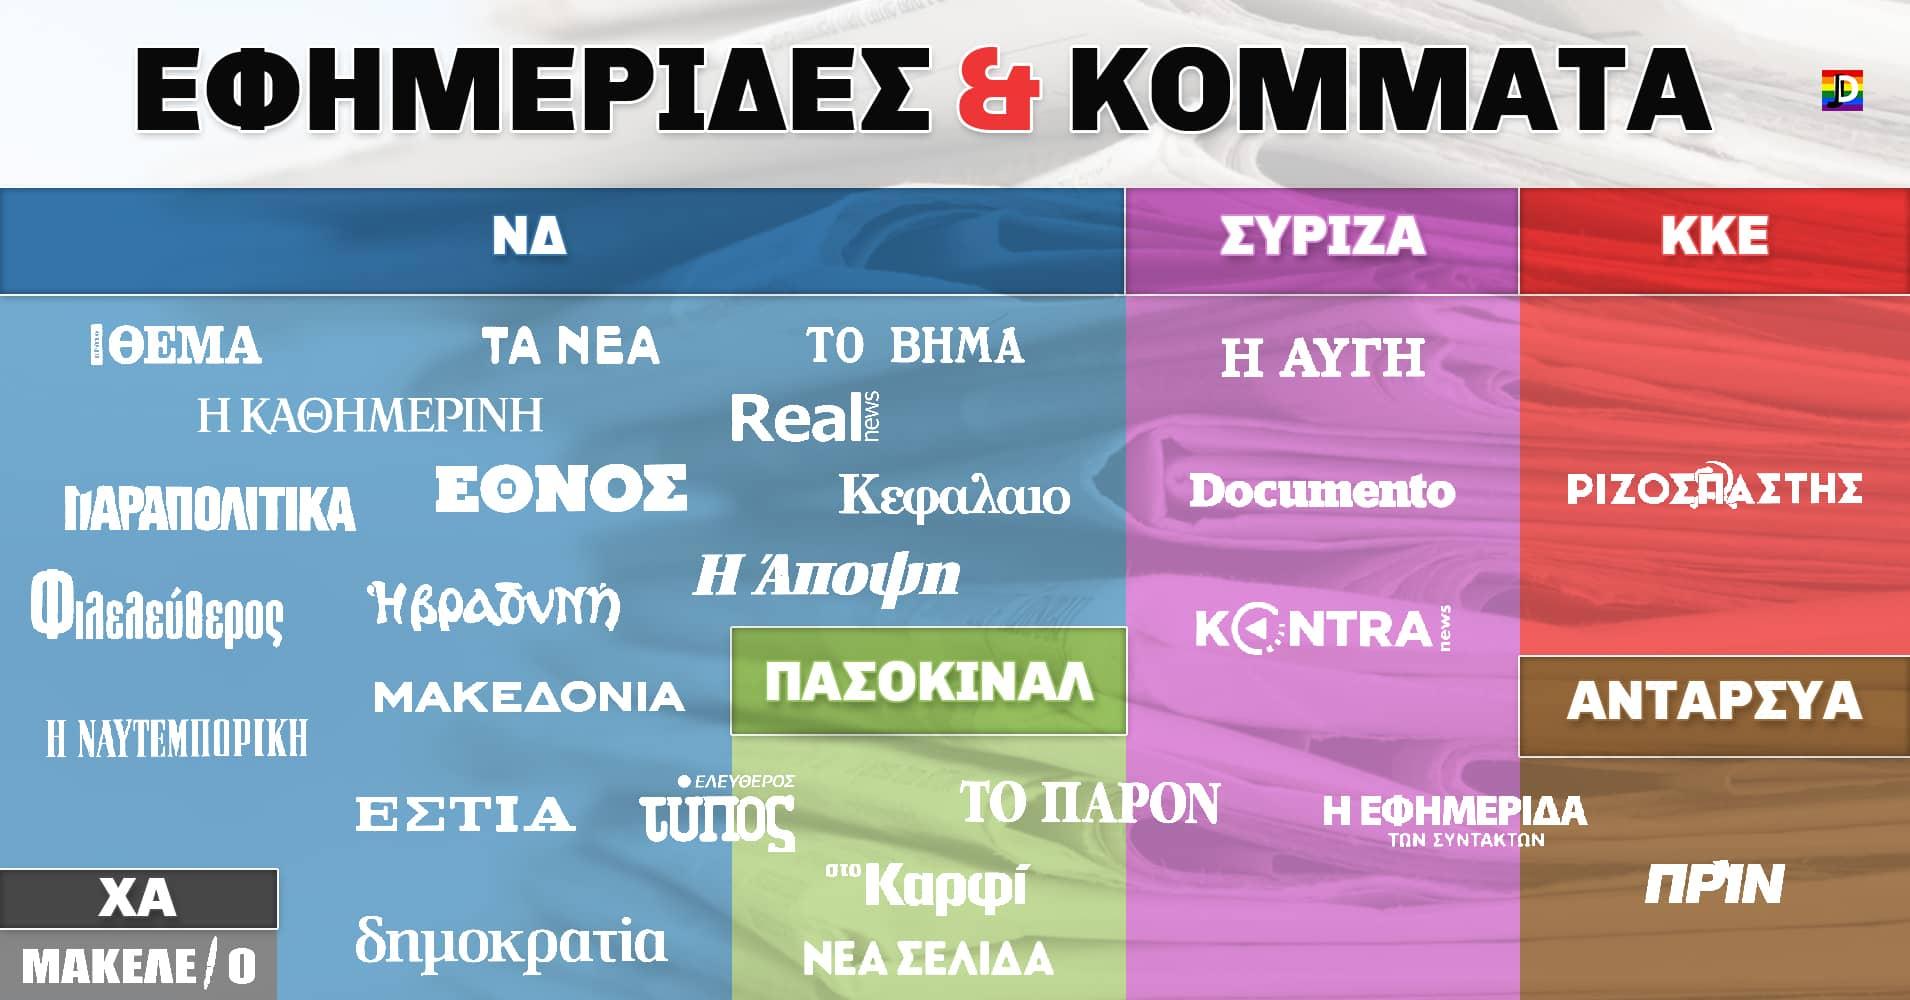 Τα Κόμματα και οι Εφημερίδες